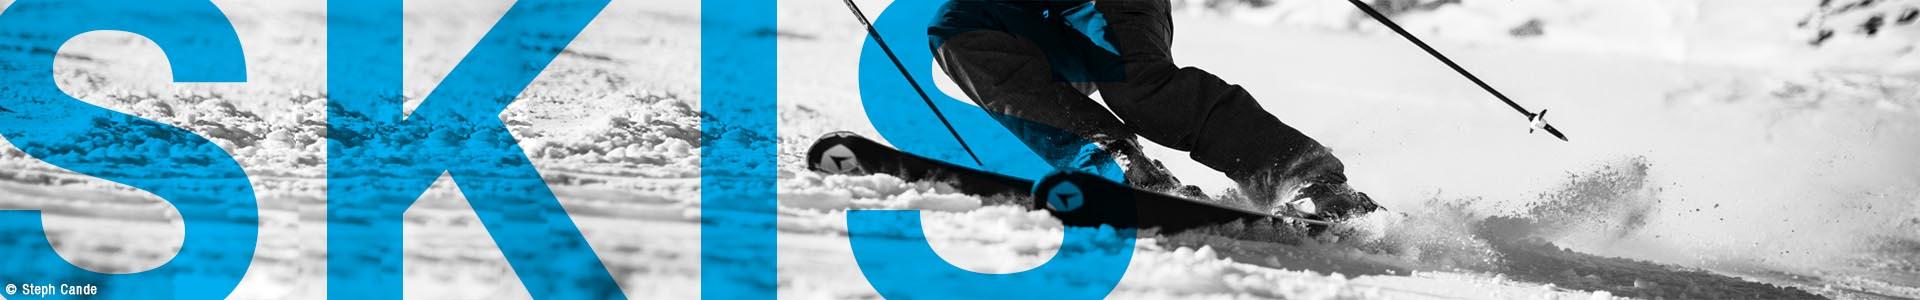 ski-skis-1920x300.jpg